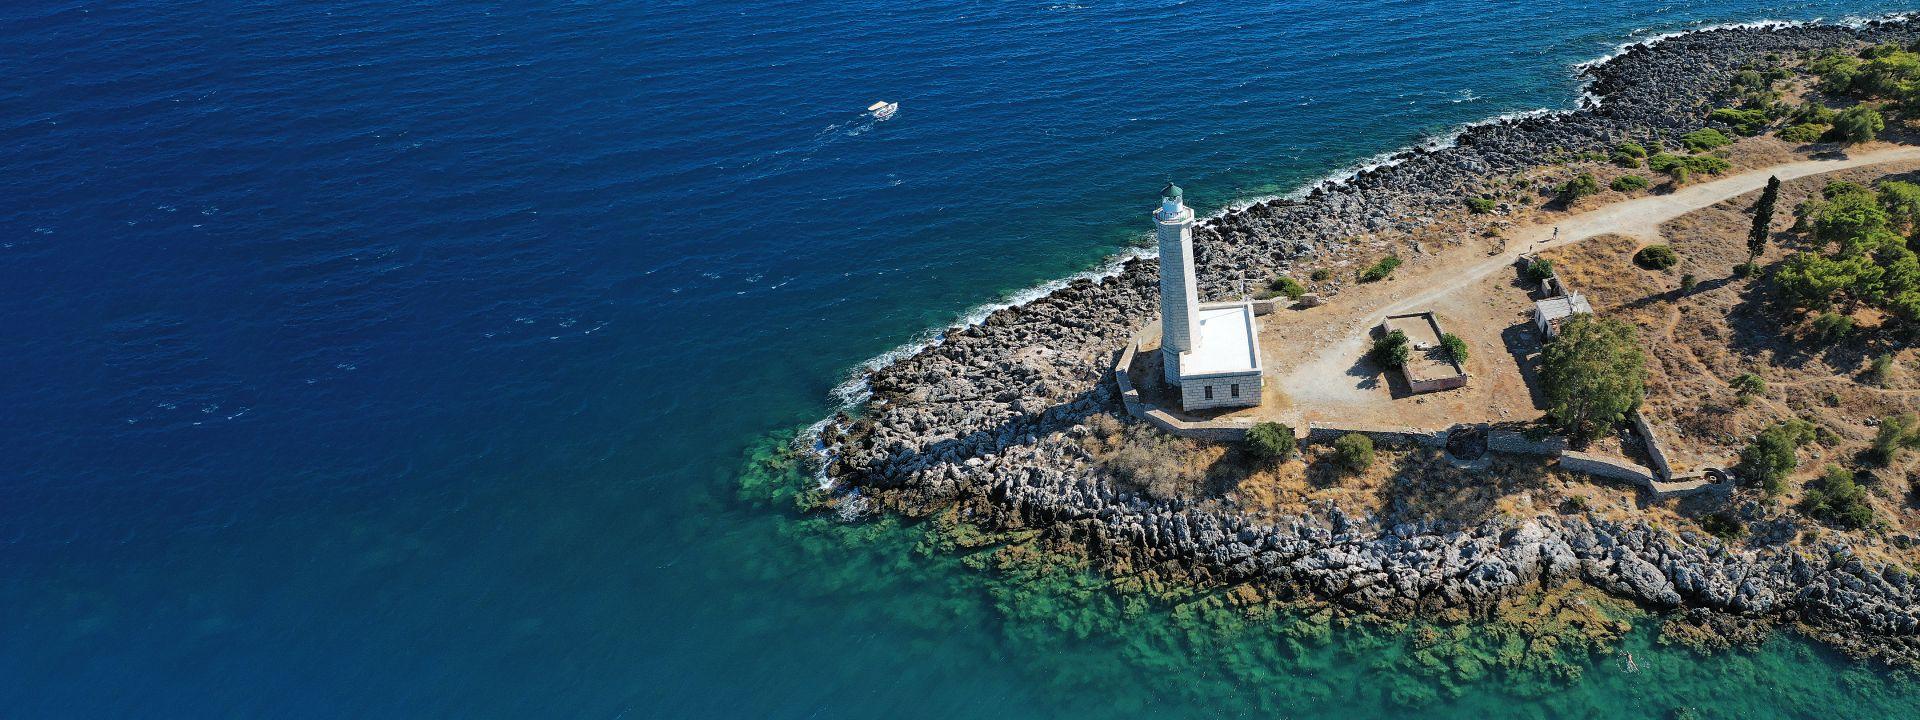 Ακρωτήριο Ταίναρο: Το νοτιότερο άκρο της Ηπειρωτικής Ελλάδας